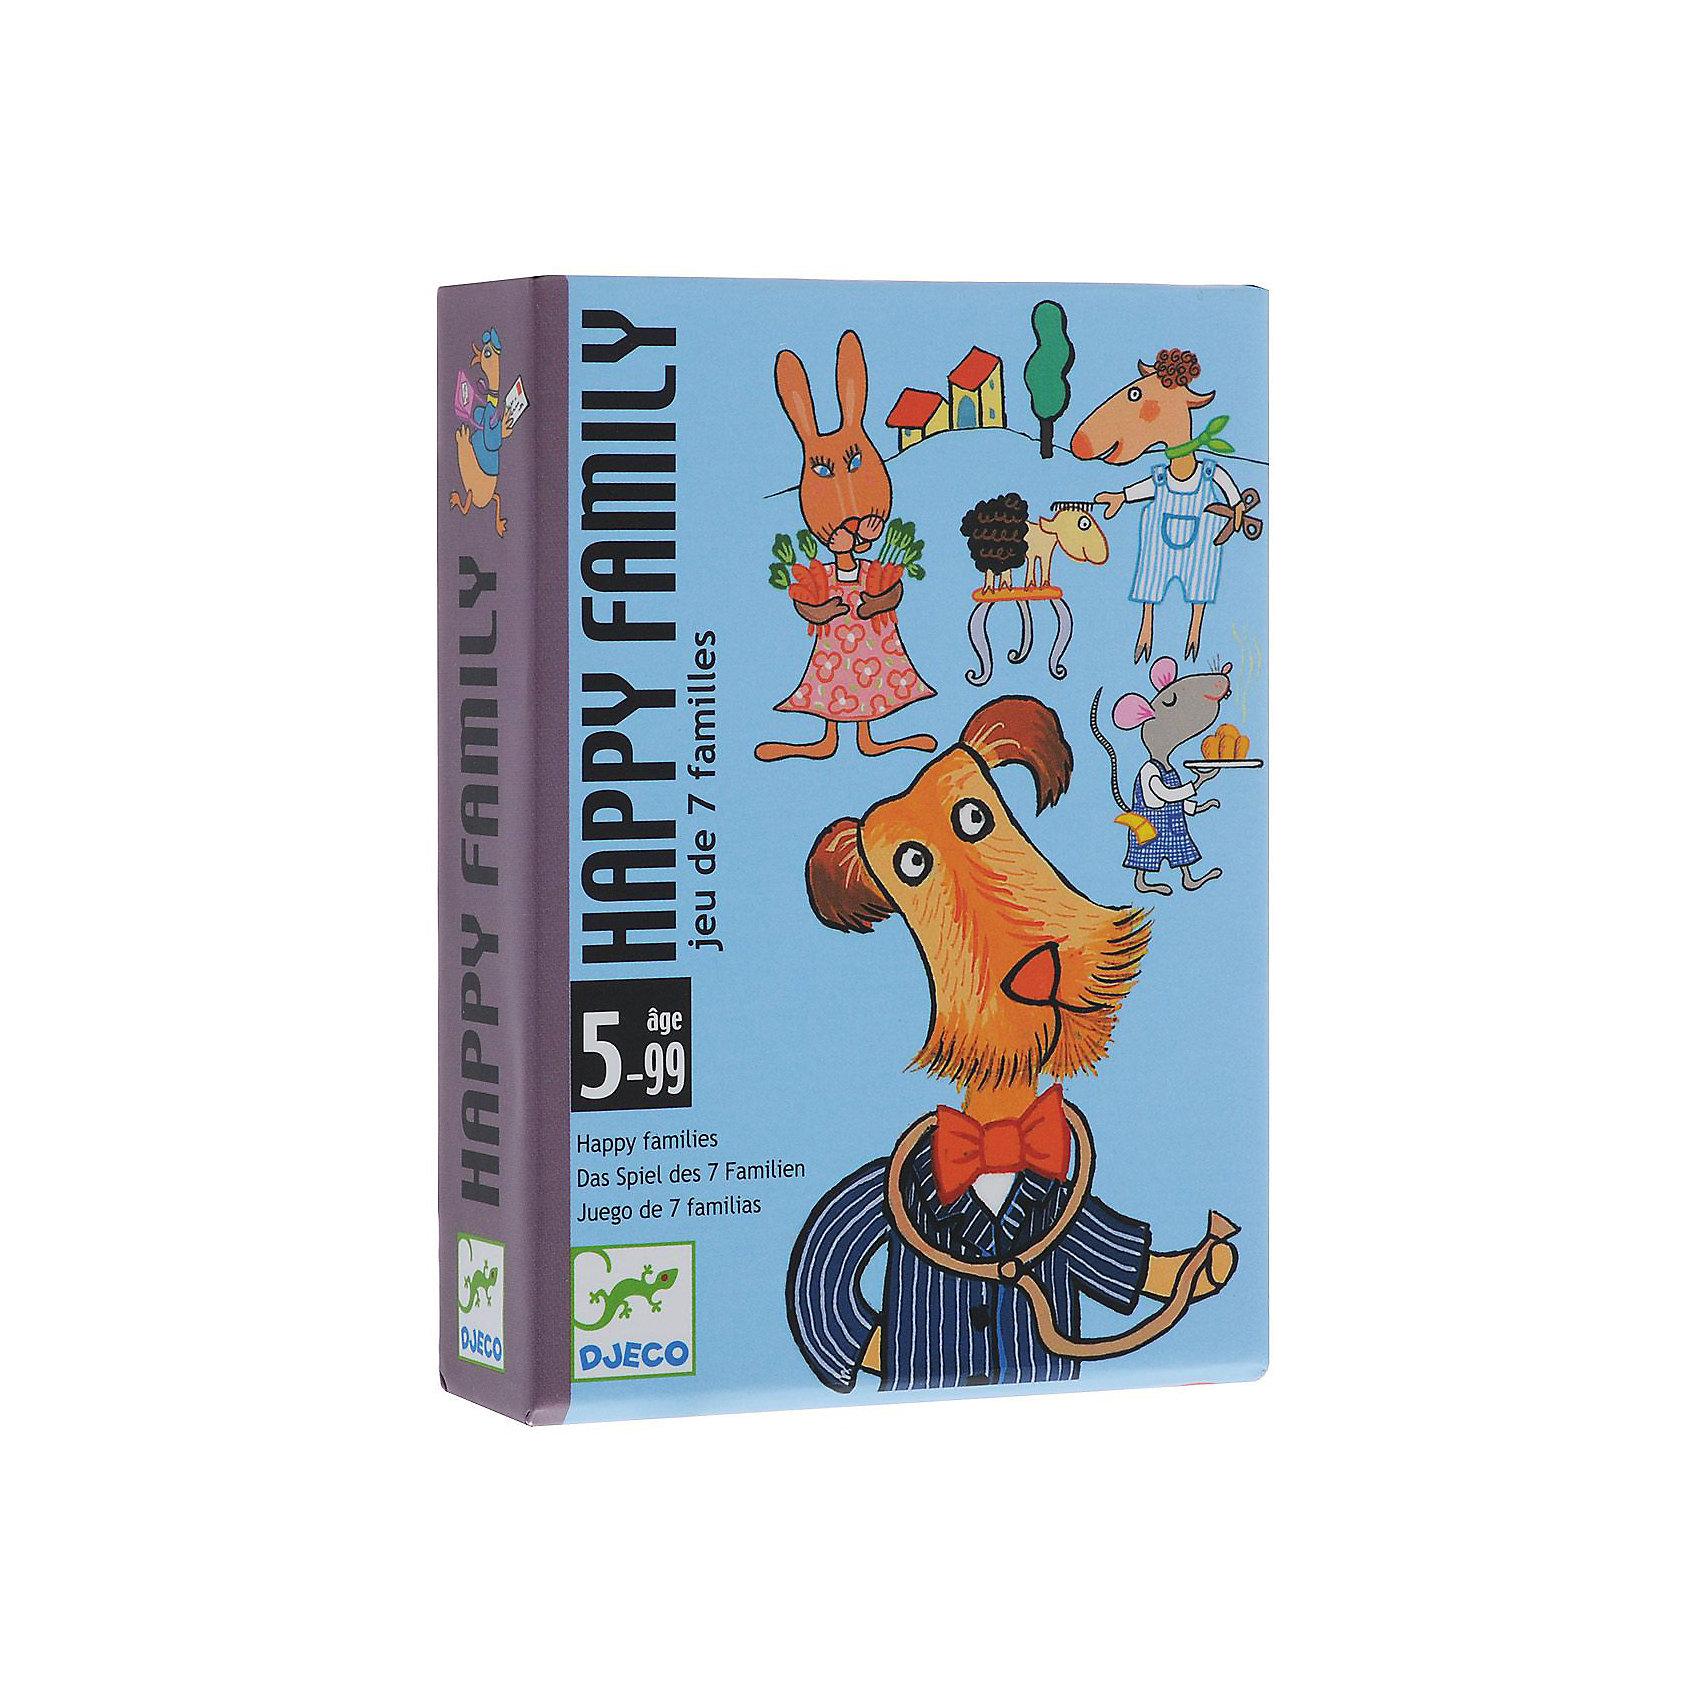 Карточная игра Счастливая семейка, DJECOКарточные игры<br>Цель игры: собрать наибольшее количество семей. Игроки группируют карты по семьям, делая ходы по очереди и используя карты из общей колоды и карты соперников. <br><br>Дополнительная информация:<br><br>- В наборе: 42 карты, 7 семей, 7 профессий.<br>- Игра позволяет развивать реакцию, внимание, память.<br>- Количество игроков: 2-4.<br><br>Карточную Игру Счастливая семейка, DJECO (Джеко) можно купить в нашем магазине.<br><br>Ширина мм: 85<br>Глубина мм: 28<br>Высота мм: 117<br>Вес г: 300<br>Возраст от месяцев: 60<br>Возраст до месяцев: 108<br>Пол: Унисекс<br>Возраст: Детский<br>SKU: 2199969